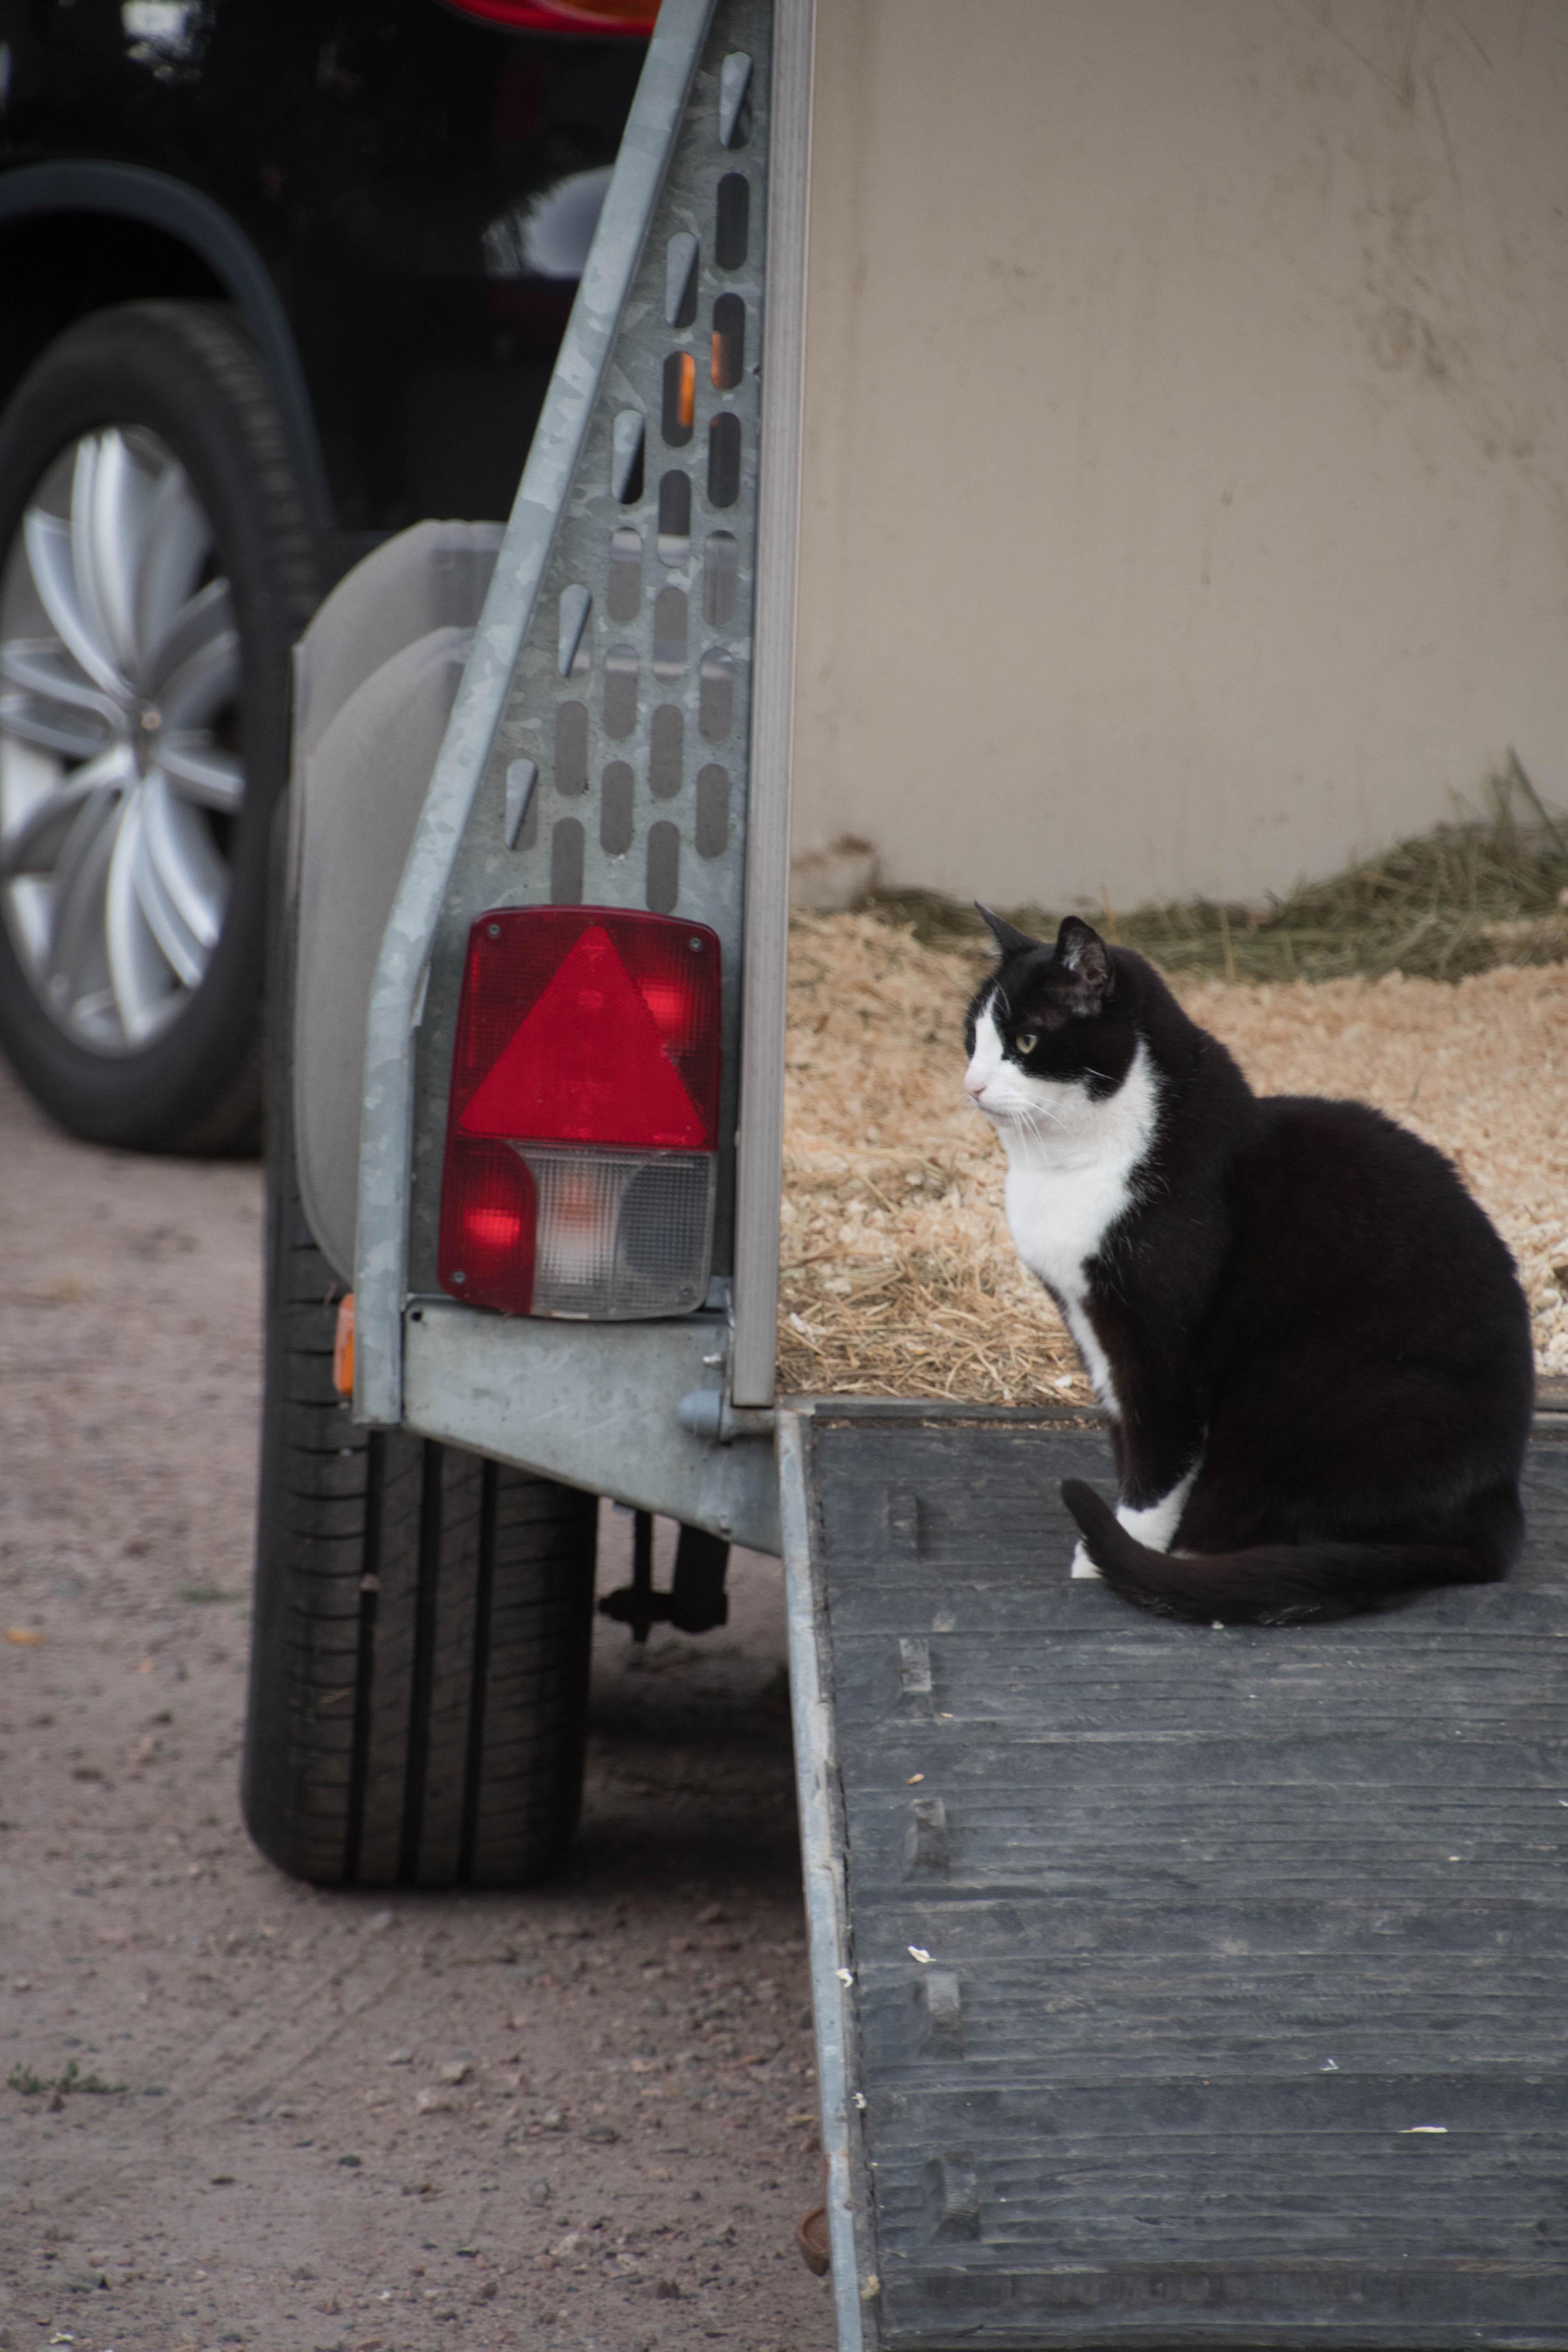 20180629 Cat in a horsetrailer